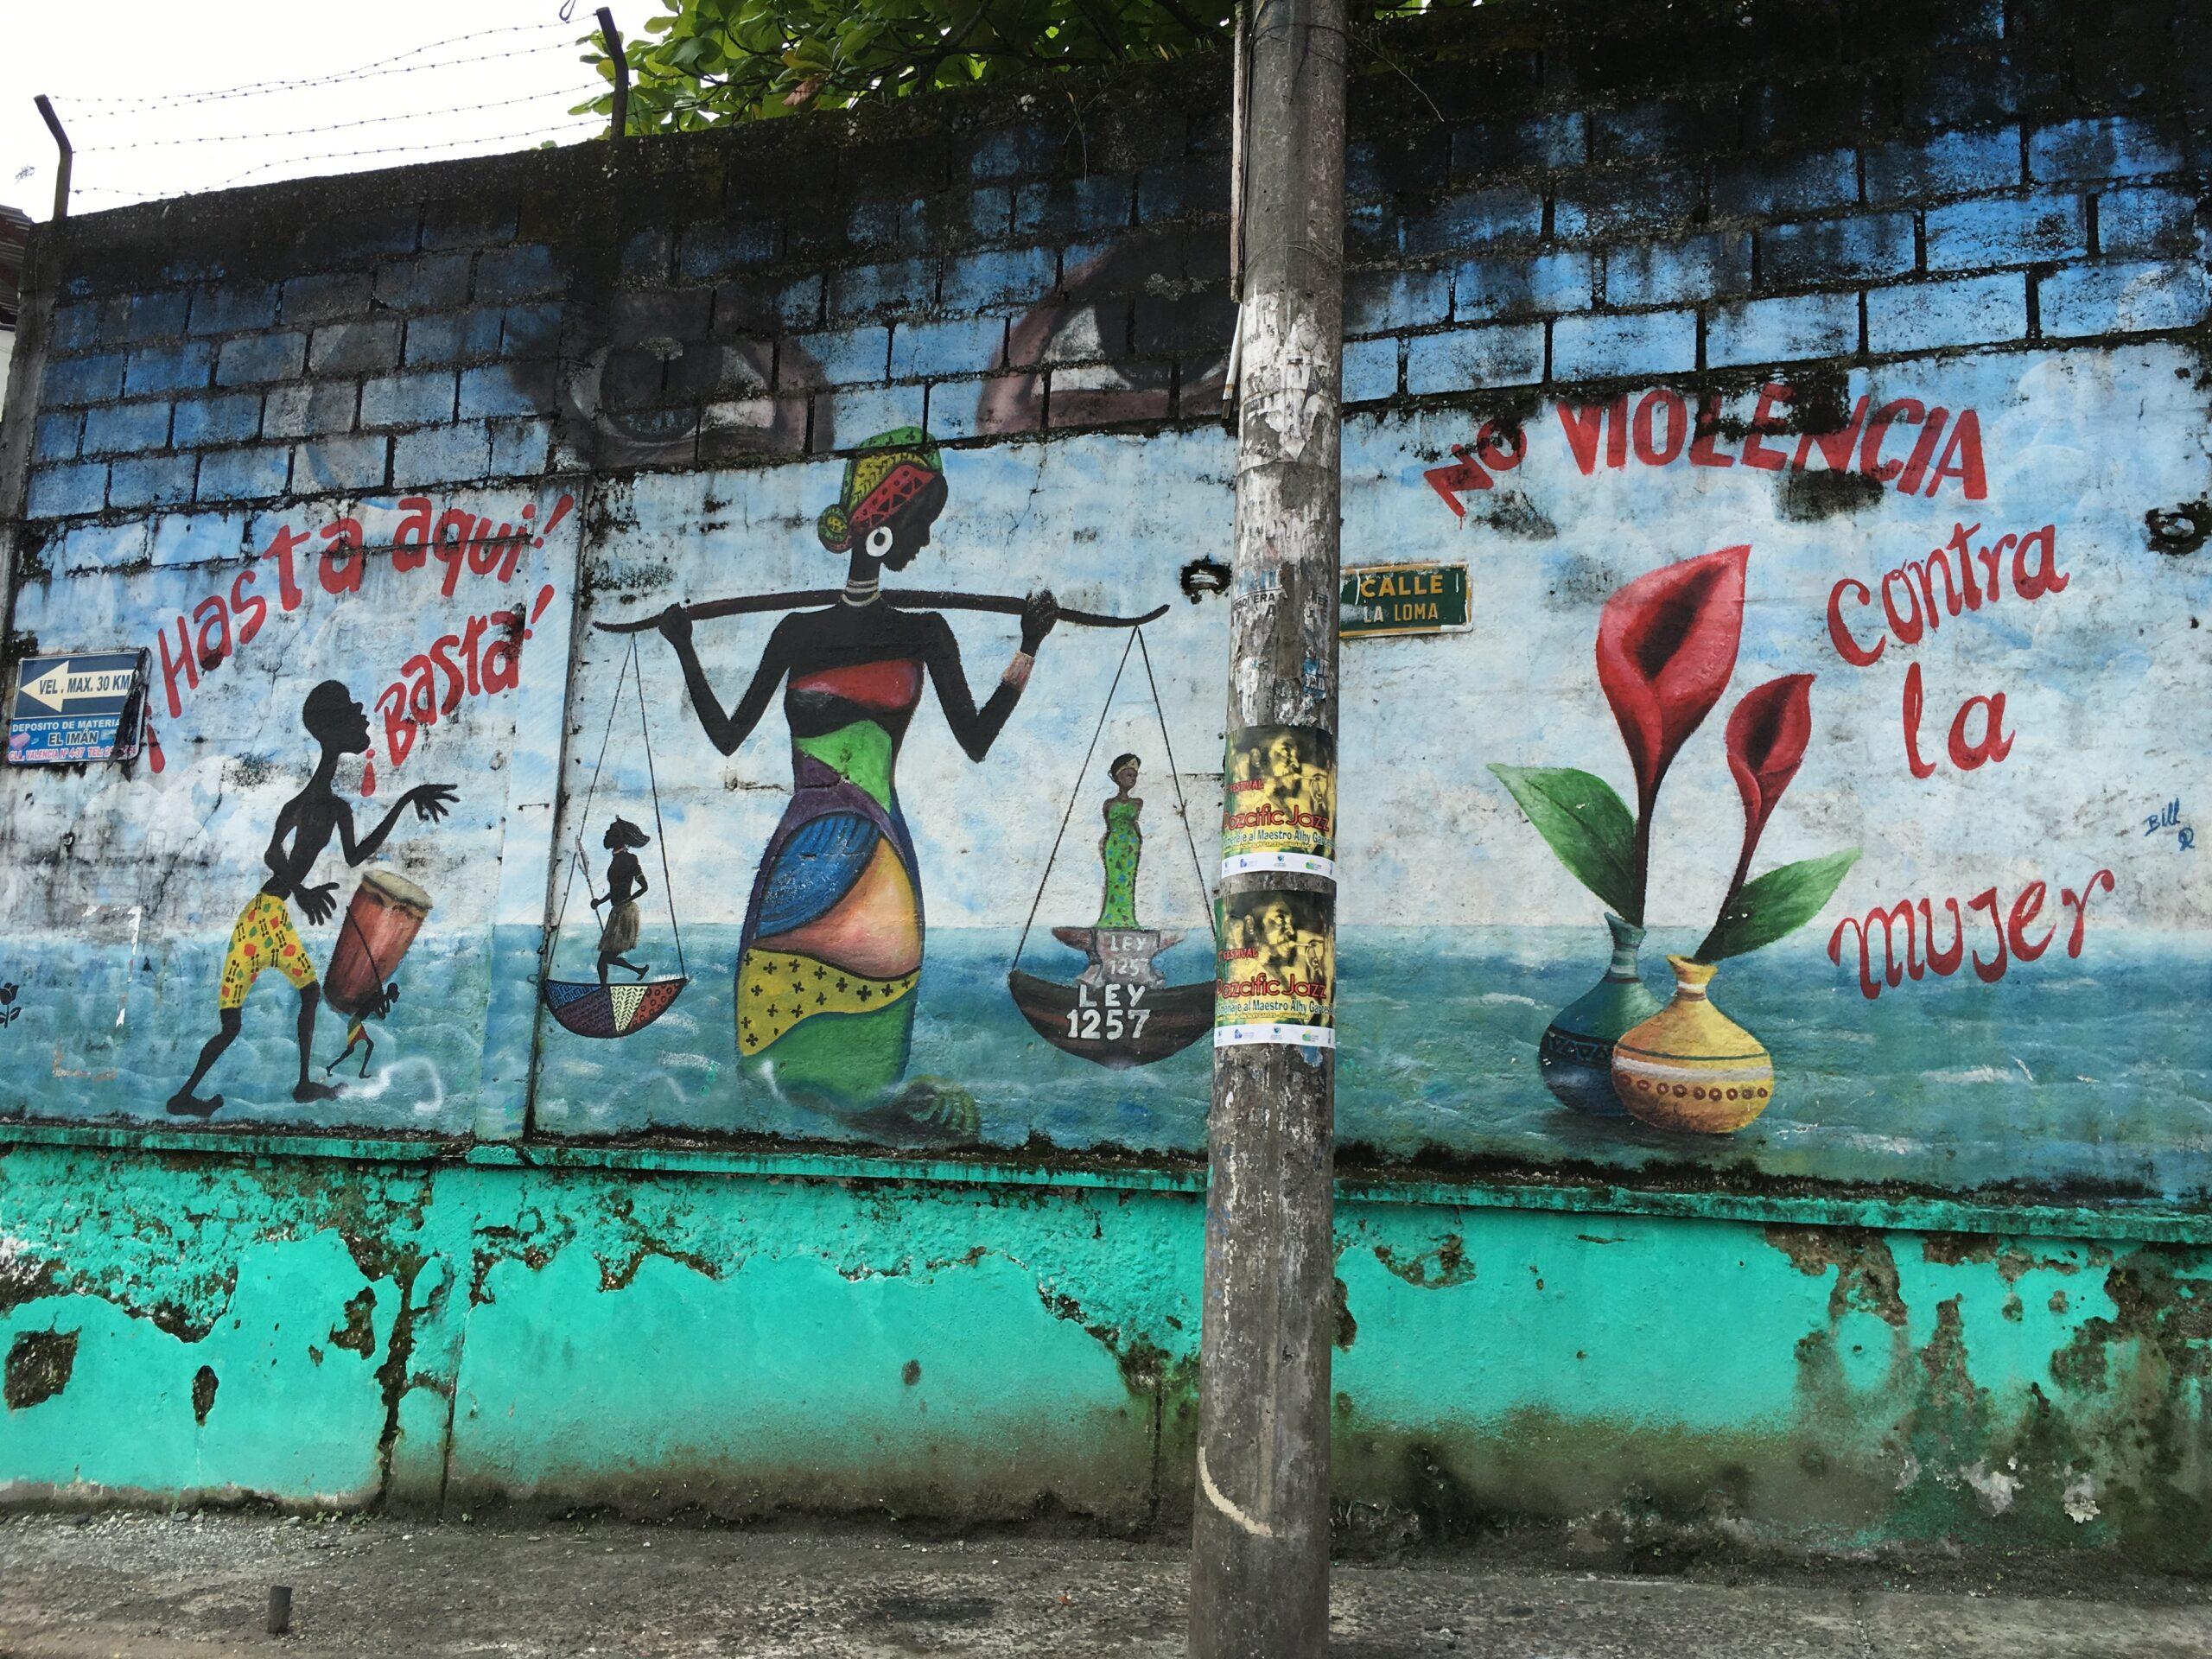 Mural in Buenaventura, Colombia. Photo courtesy VidaAfrolatina